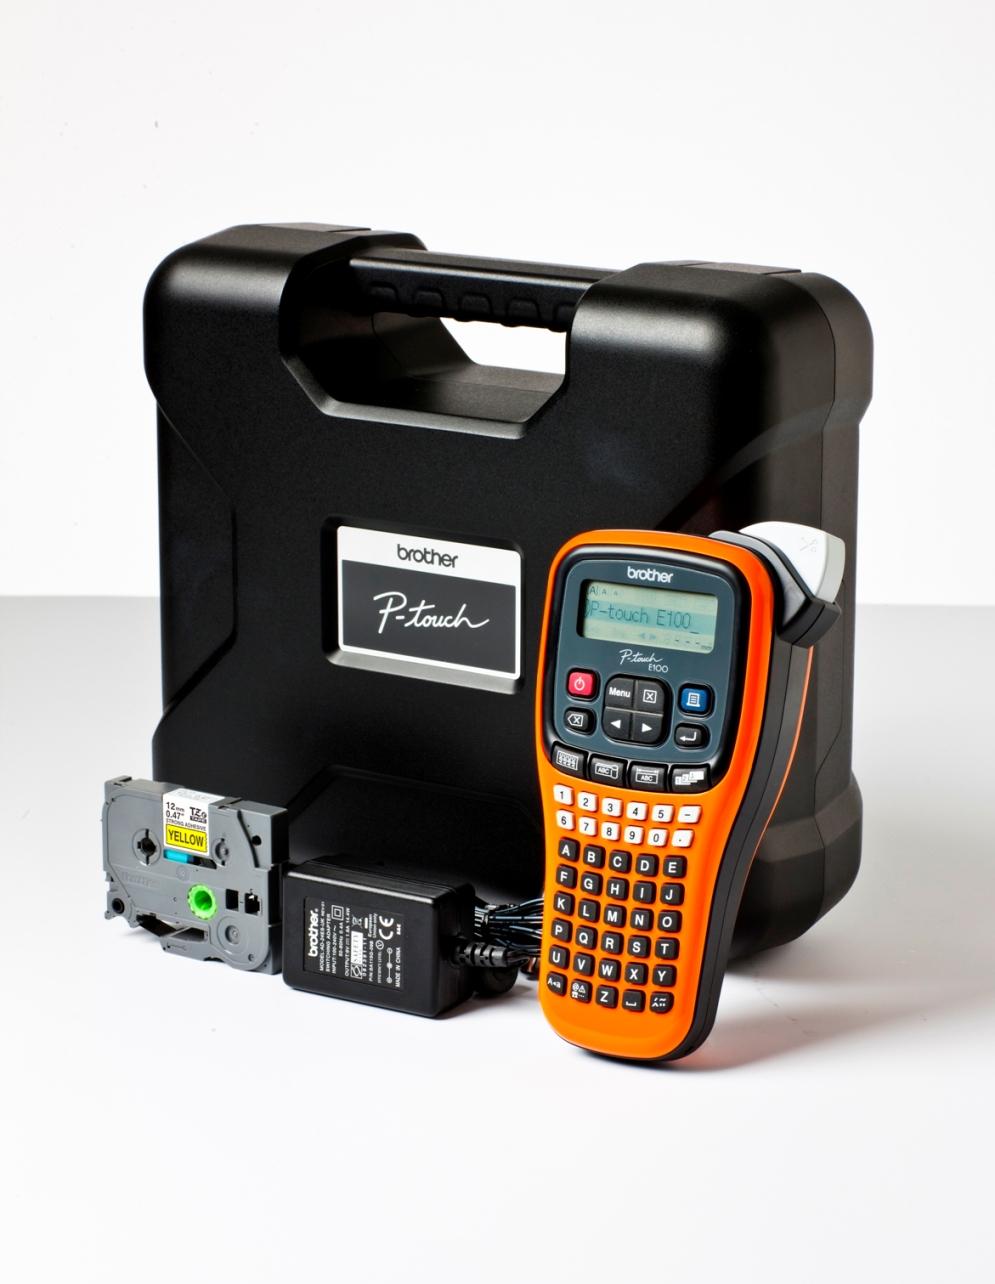 Brother P-touch E100VP Beschriftungsgerät - Etiketten-/Labeldrucker - Nadel/Matrixdruck